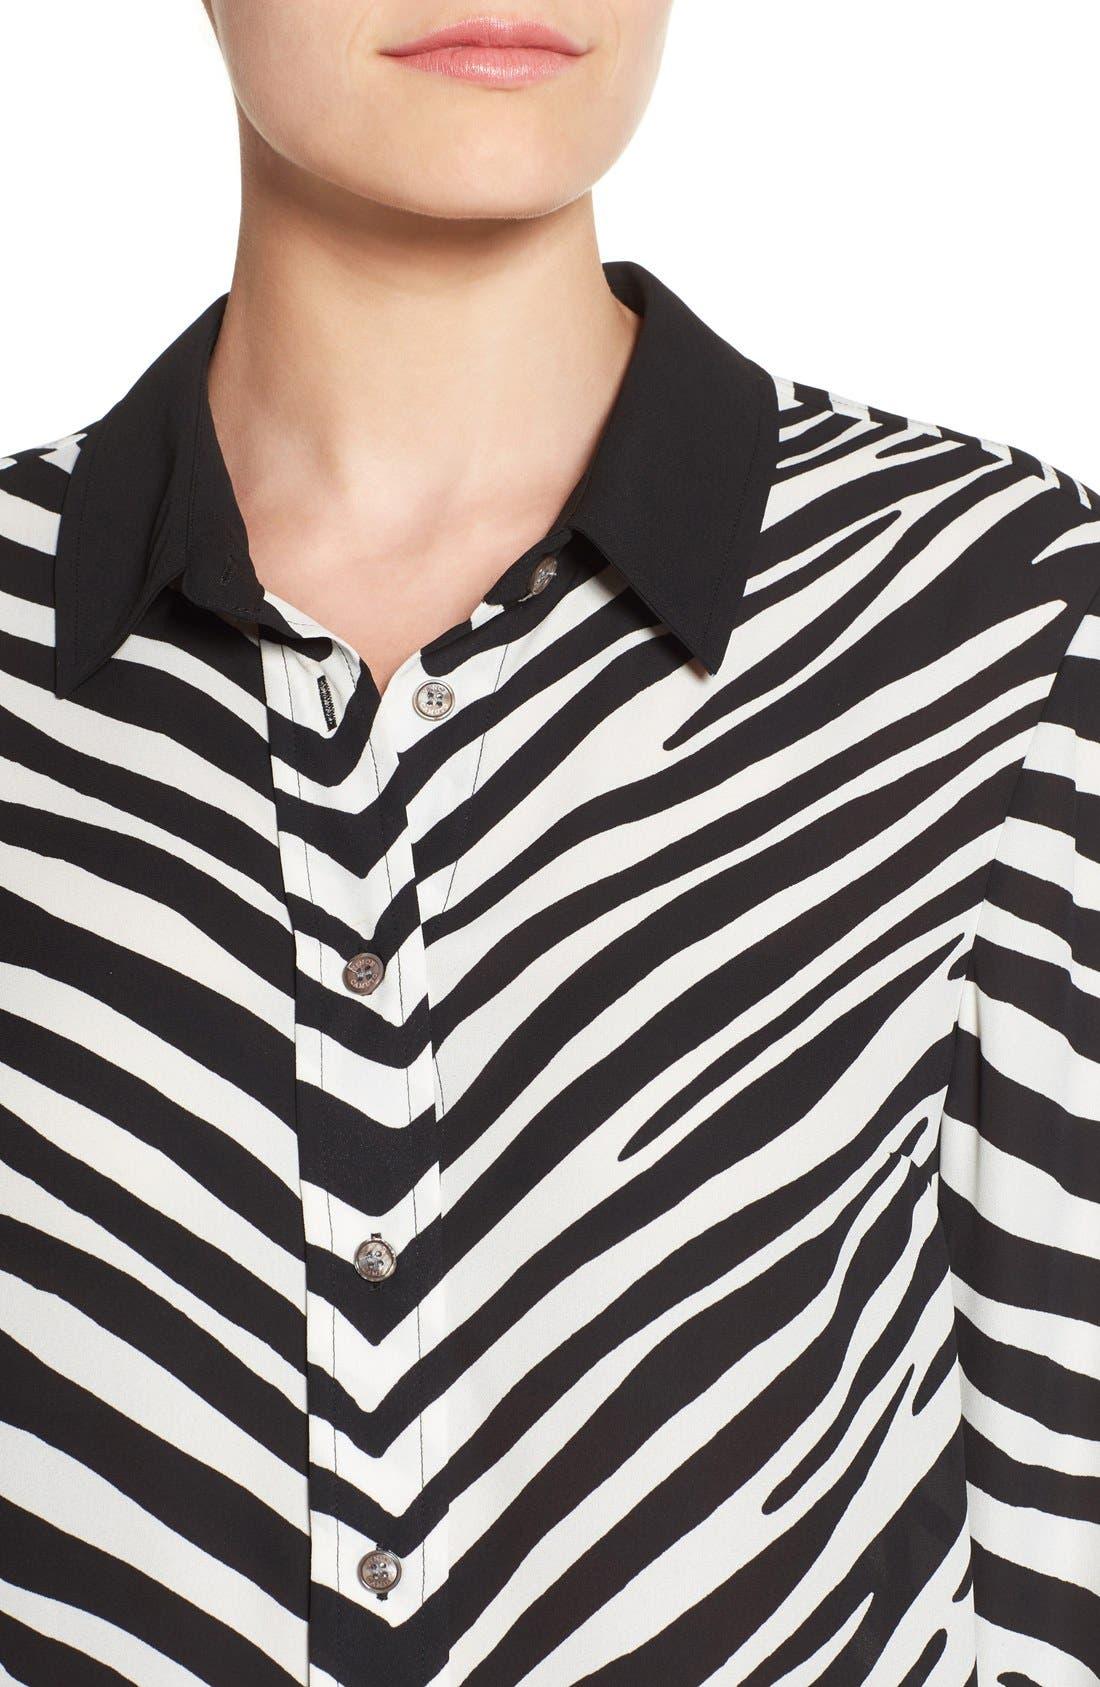 Zebra Stripe Long Sleeve Blouse,                             Alternate thumbnail 4, color,                             006